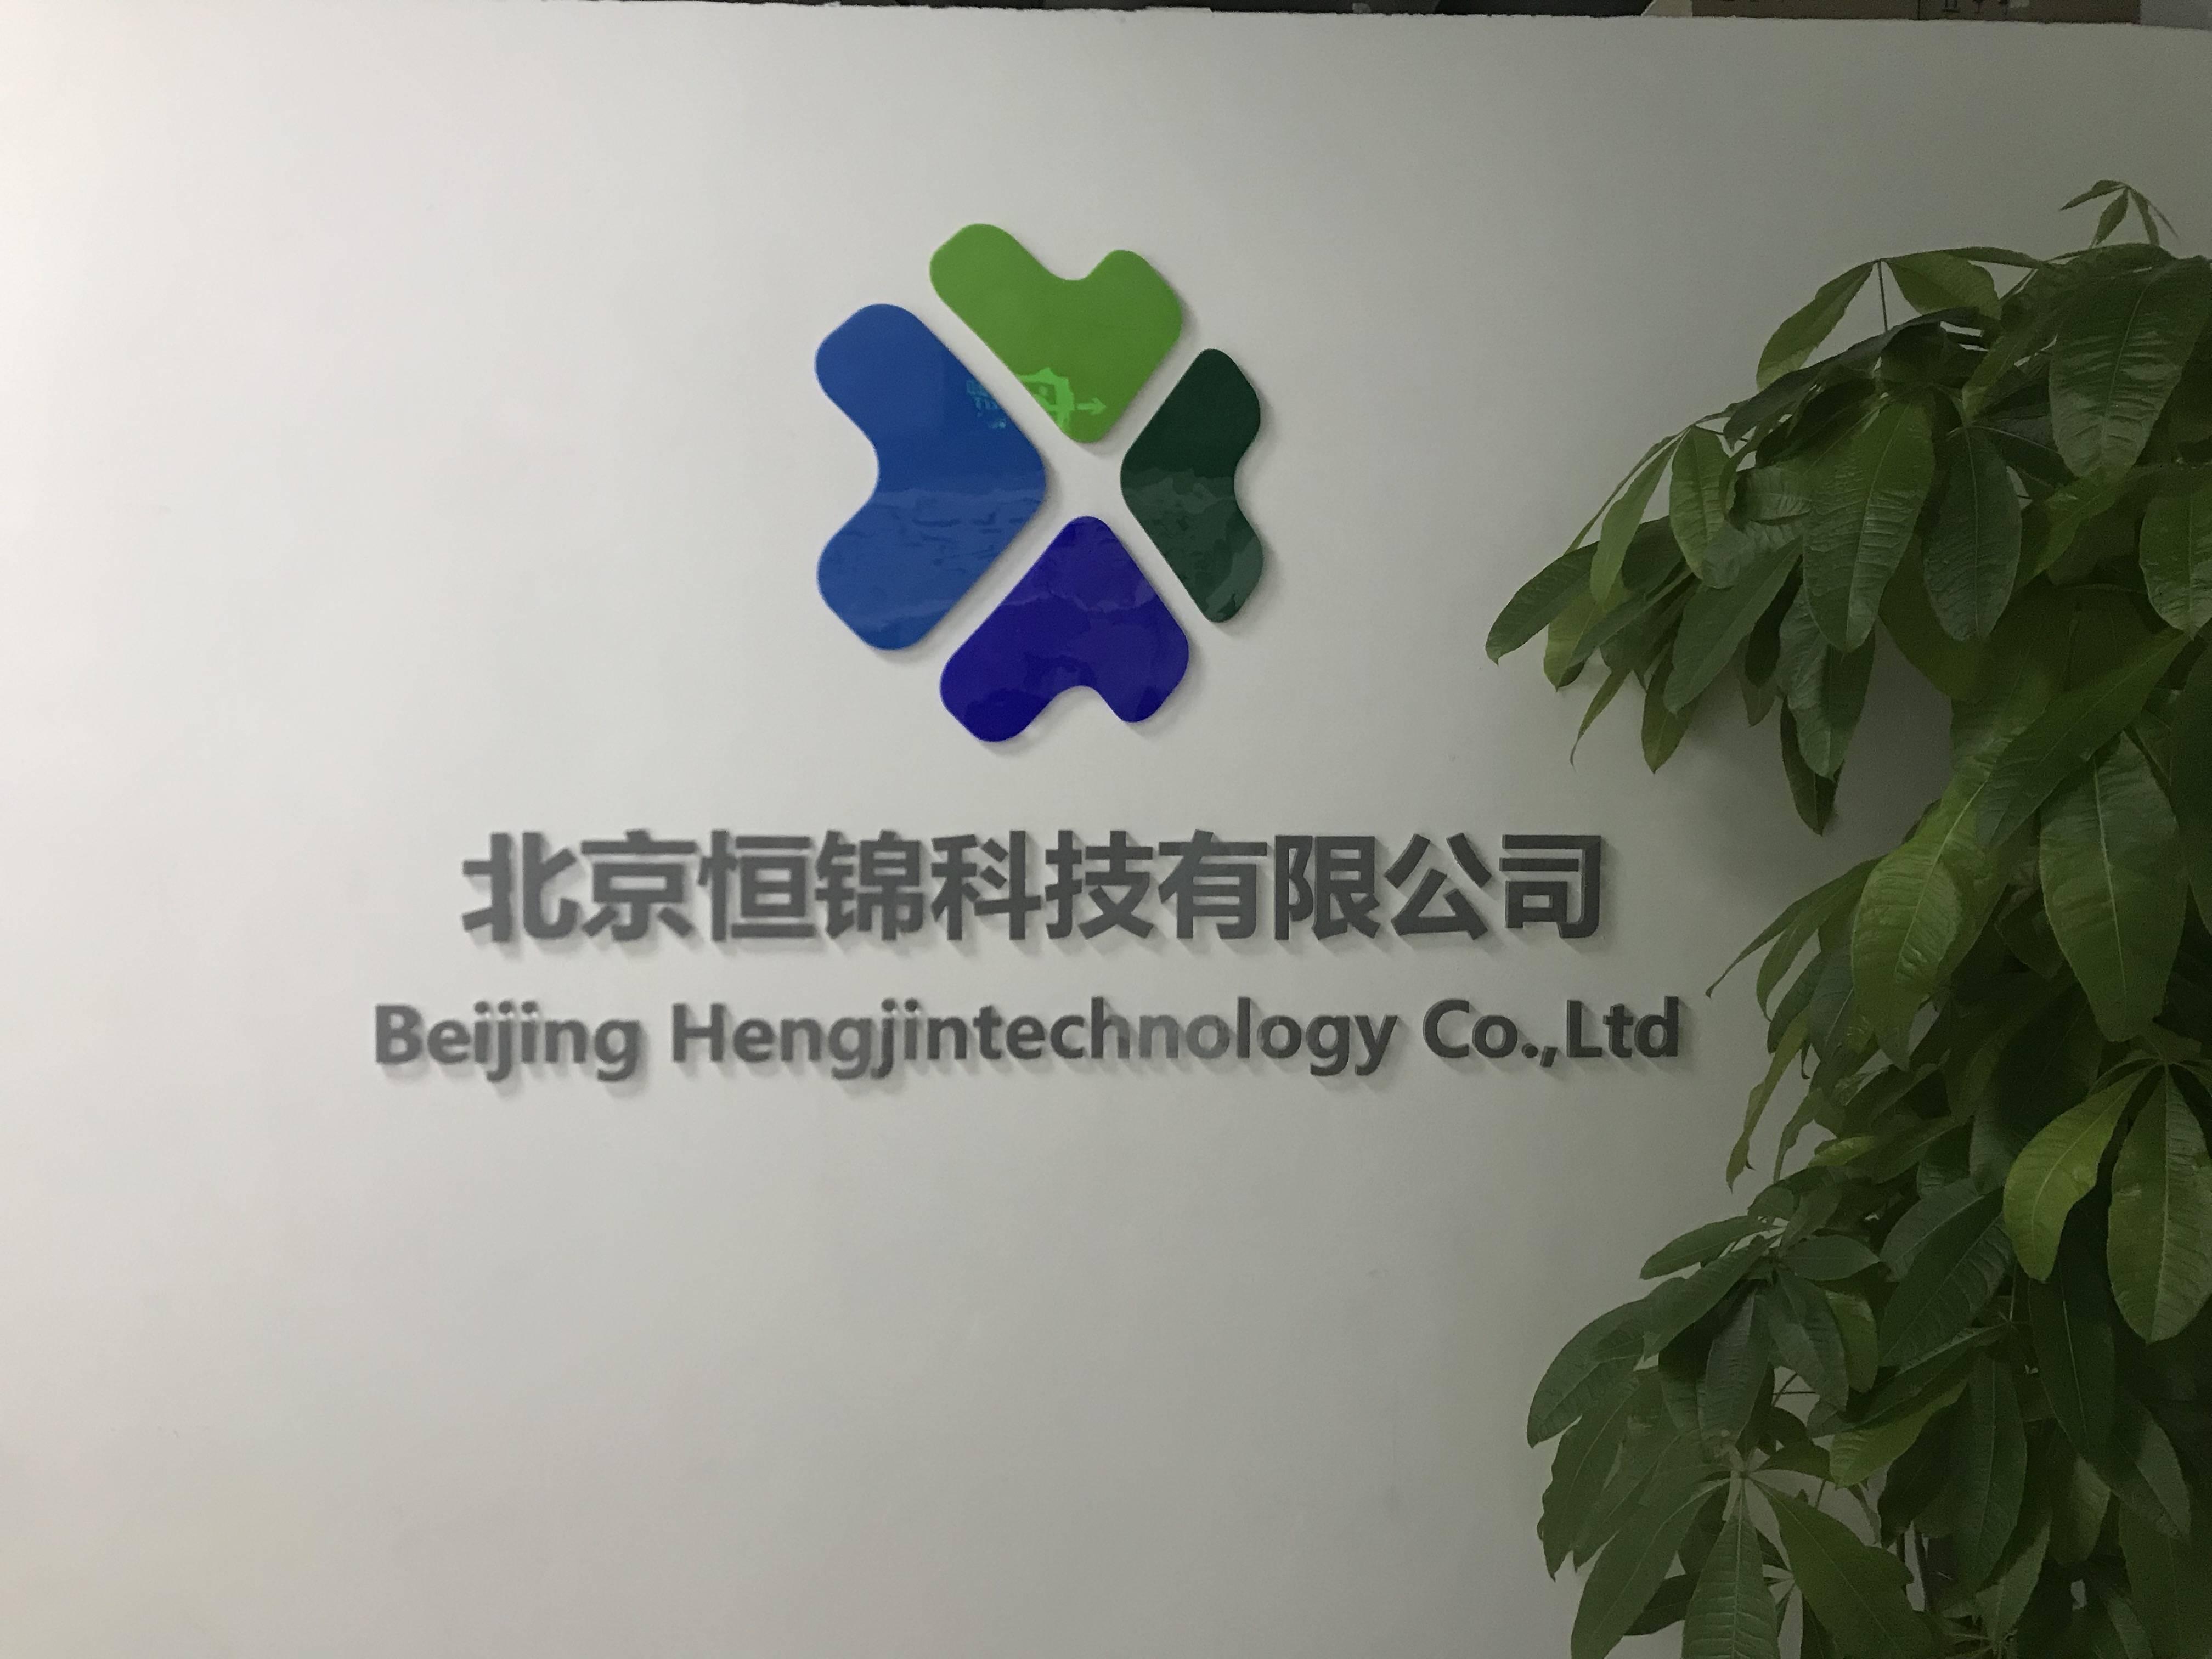 北京恒锦科技有限公司